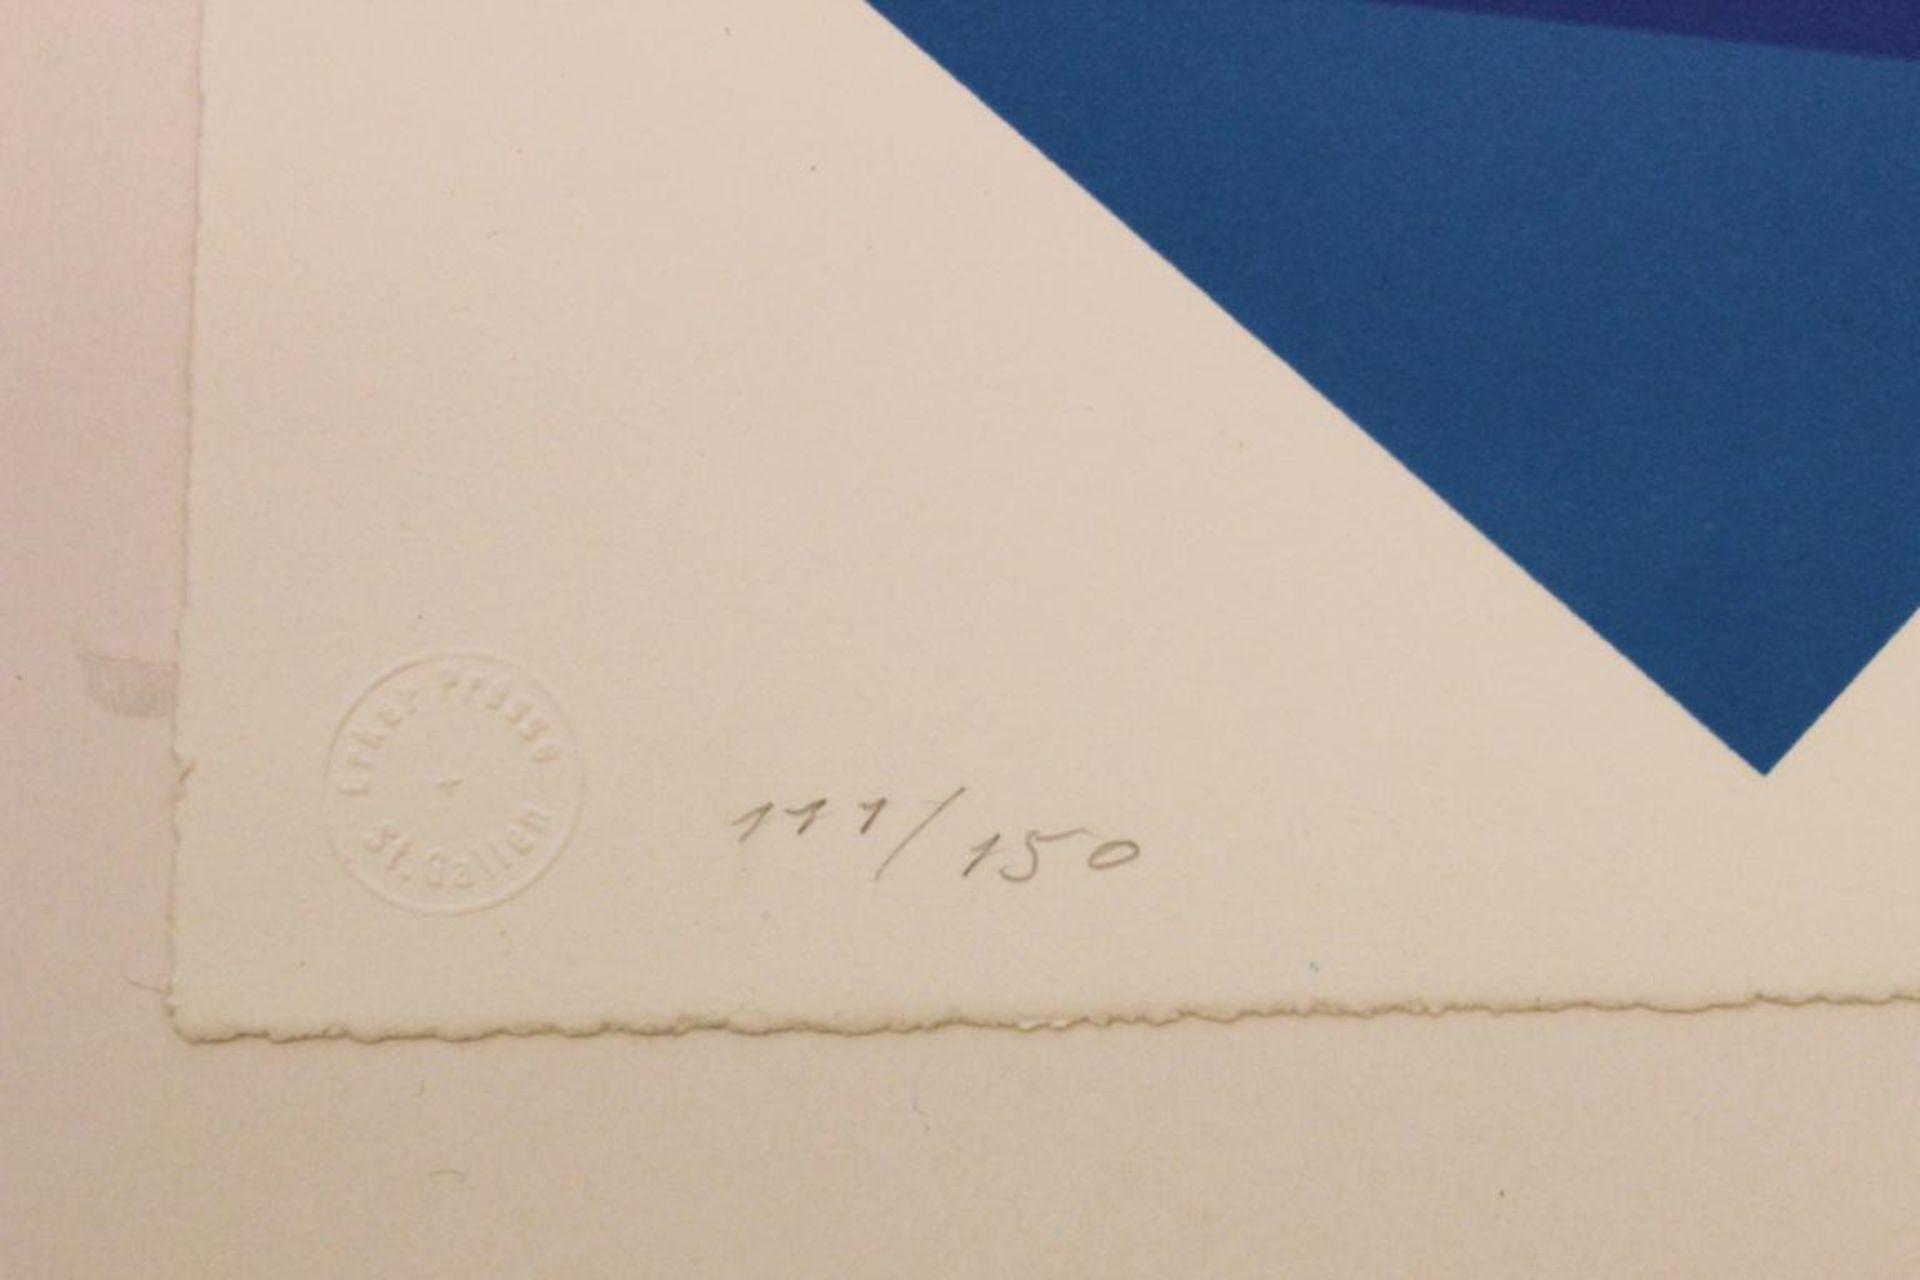 Doratio Piero (1927-2005) Ohne Titel 1995 Lithographie handsigniert, datiert und nummerieret 111/150 - Bild 3 aus 3